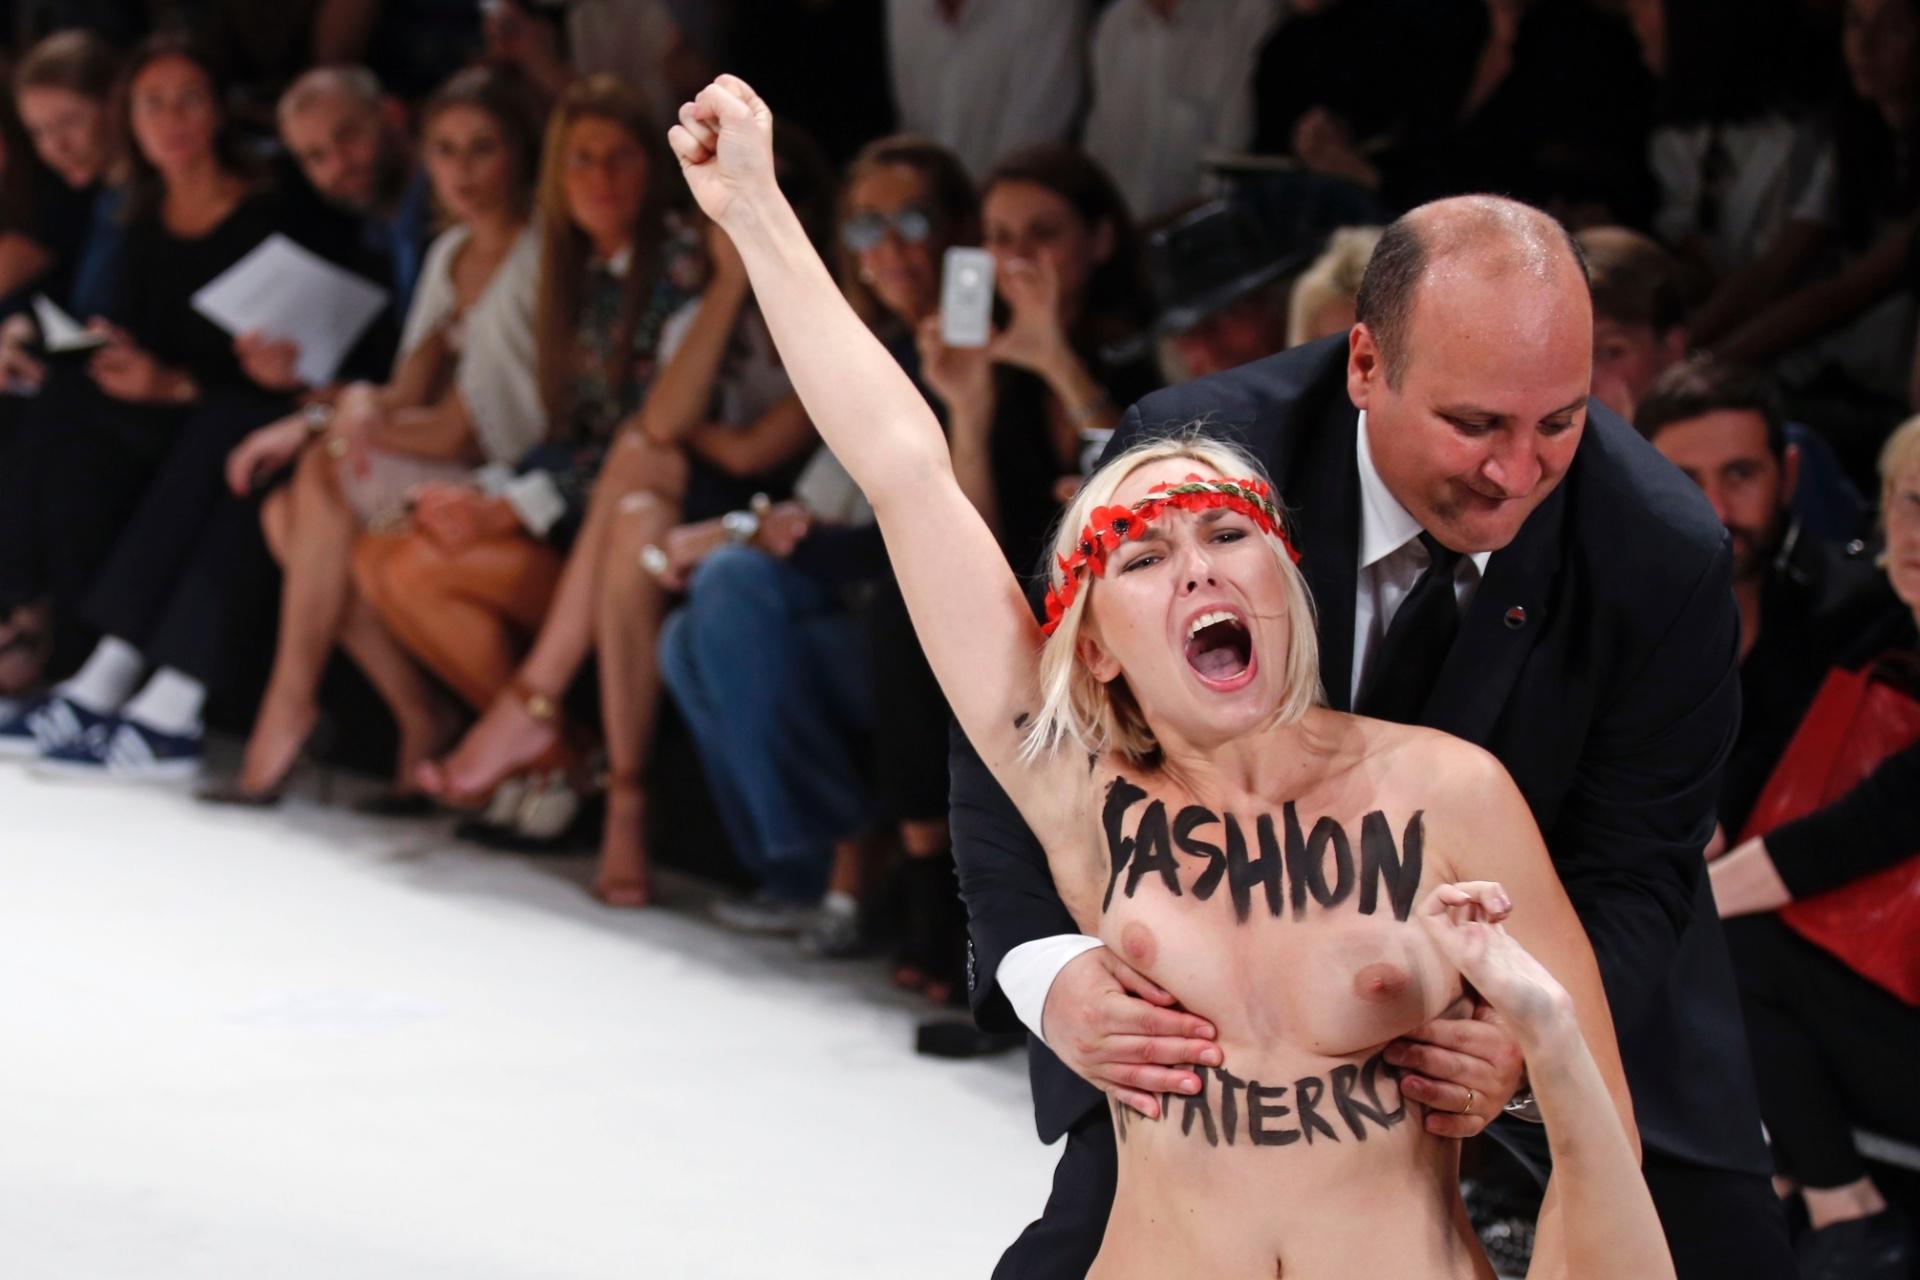 26.set.2013 - Segurança retira ativista do grupo feminista Femen que invadiu passarela durante desfile Primavera/Verão 2014 da marca Nina Ricci, em Paris, na França. Em seu corpo está escrito com tinta: